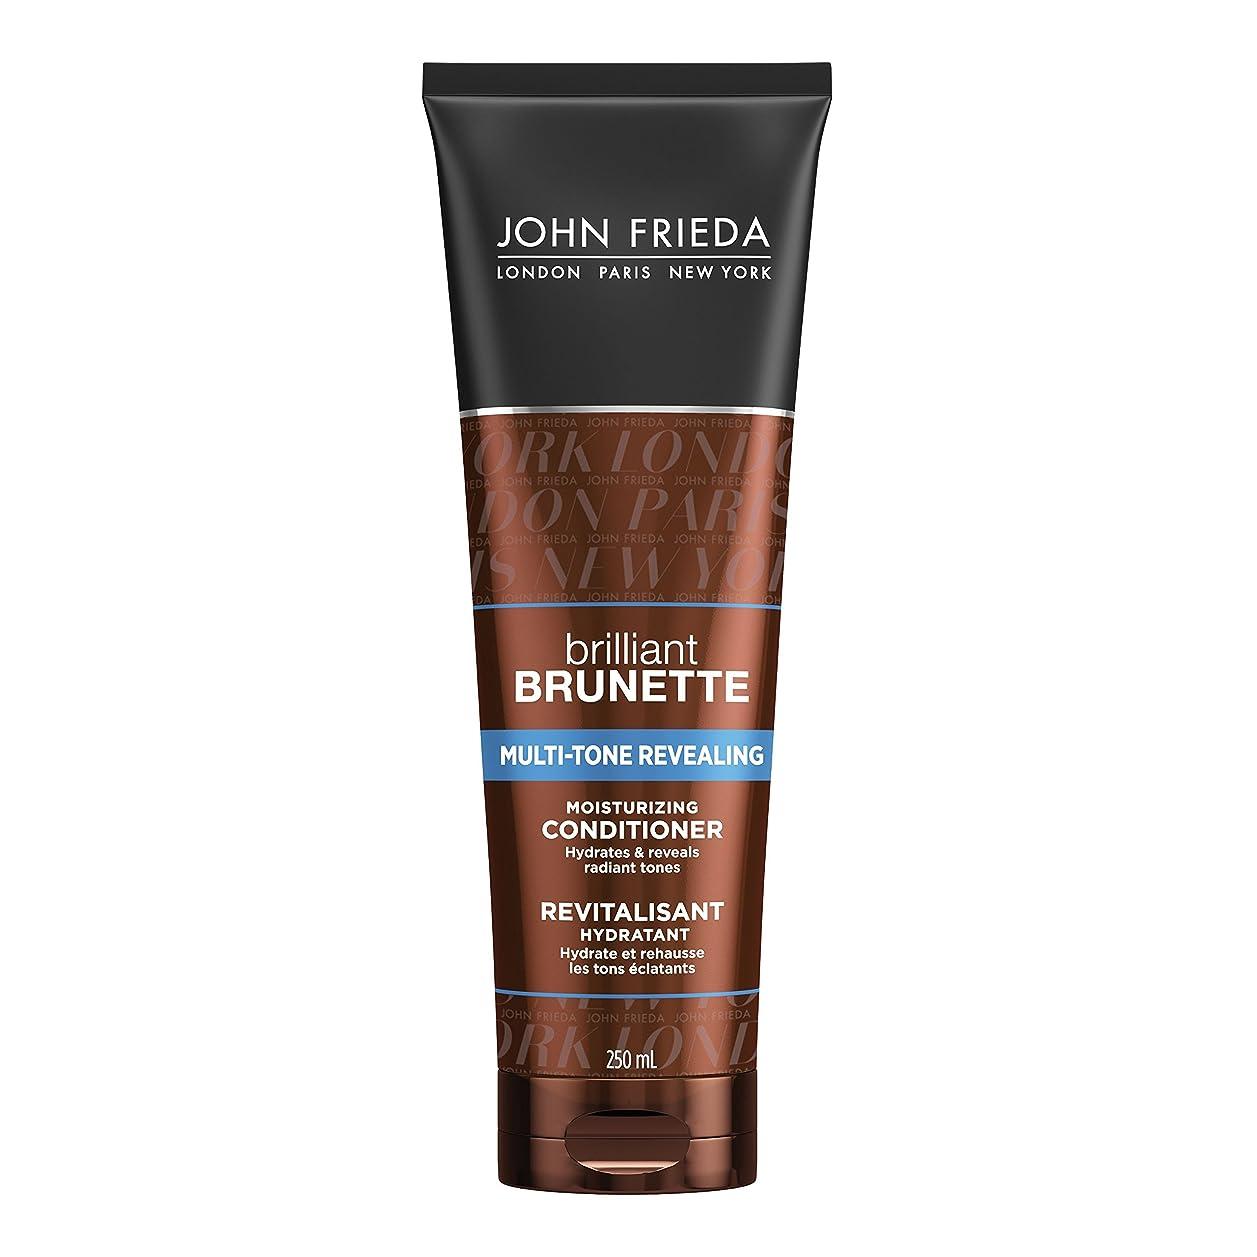 ポインタバレルすずめJohn Frieda Brilliant Brunette Multi-Tone Revealing Moisturising Conditioner for Brunettes 250ml